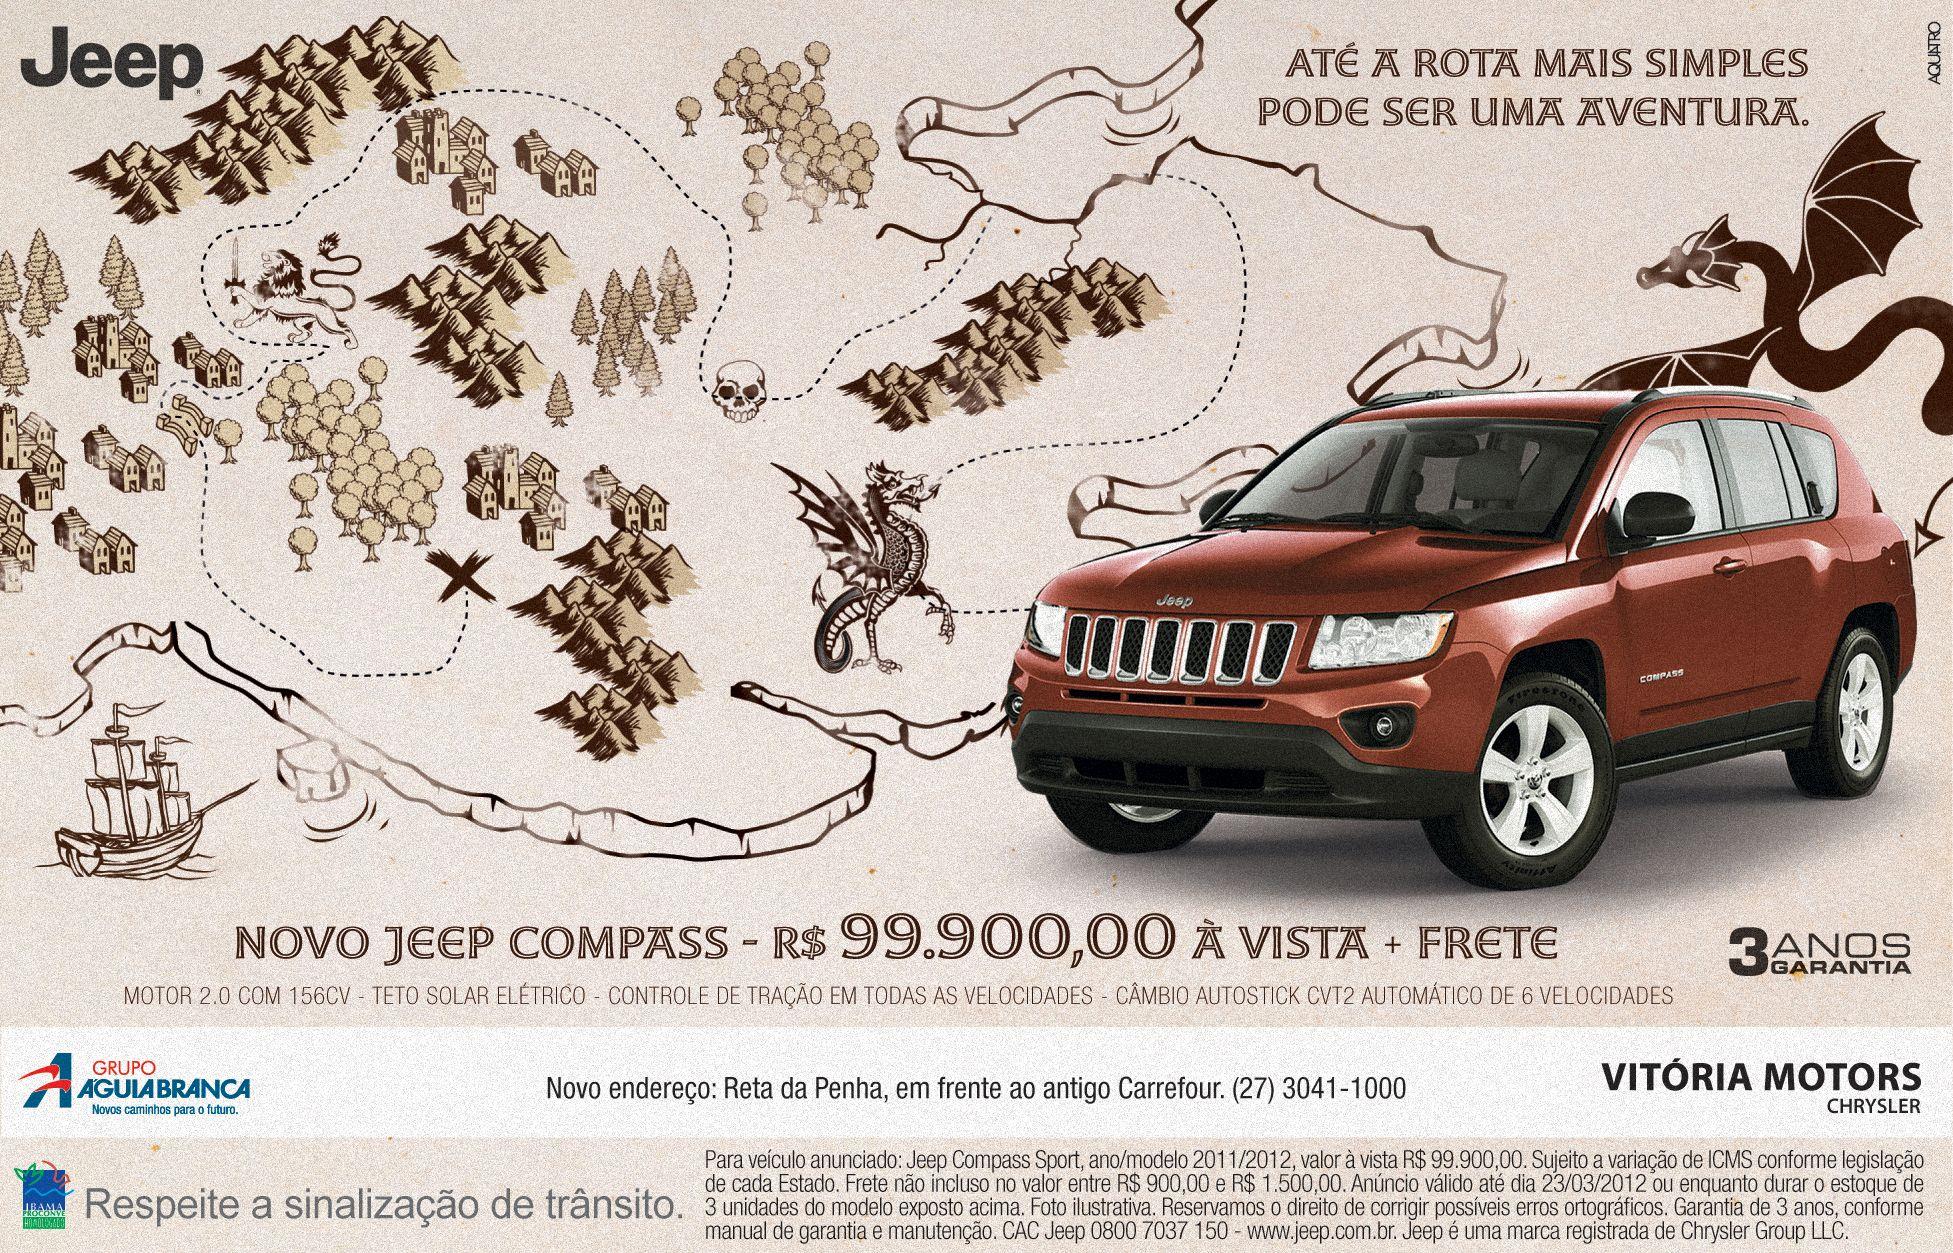 A campanha da Aquatro para o Jeep Compass fortalece a ideia de um carro que possiblita grandes aventuras, sem deixar a desejar na correria do dia a dia. Focada nesse contexto, a ilustração de um mapa de tesouro reforça a ideia do que o carro proporciona, fazendo do Jeep Compass um SUV de destaque no mercado.